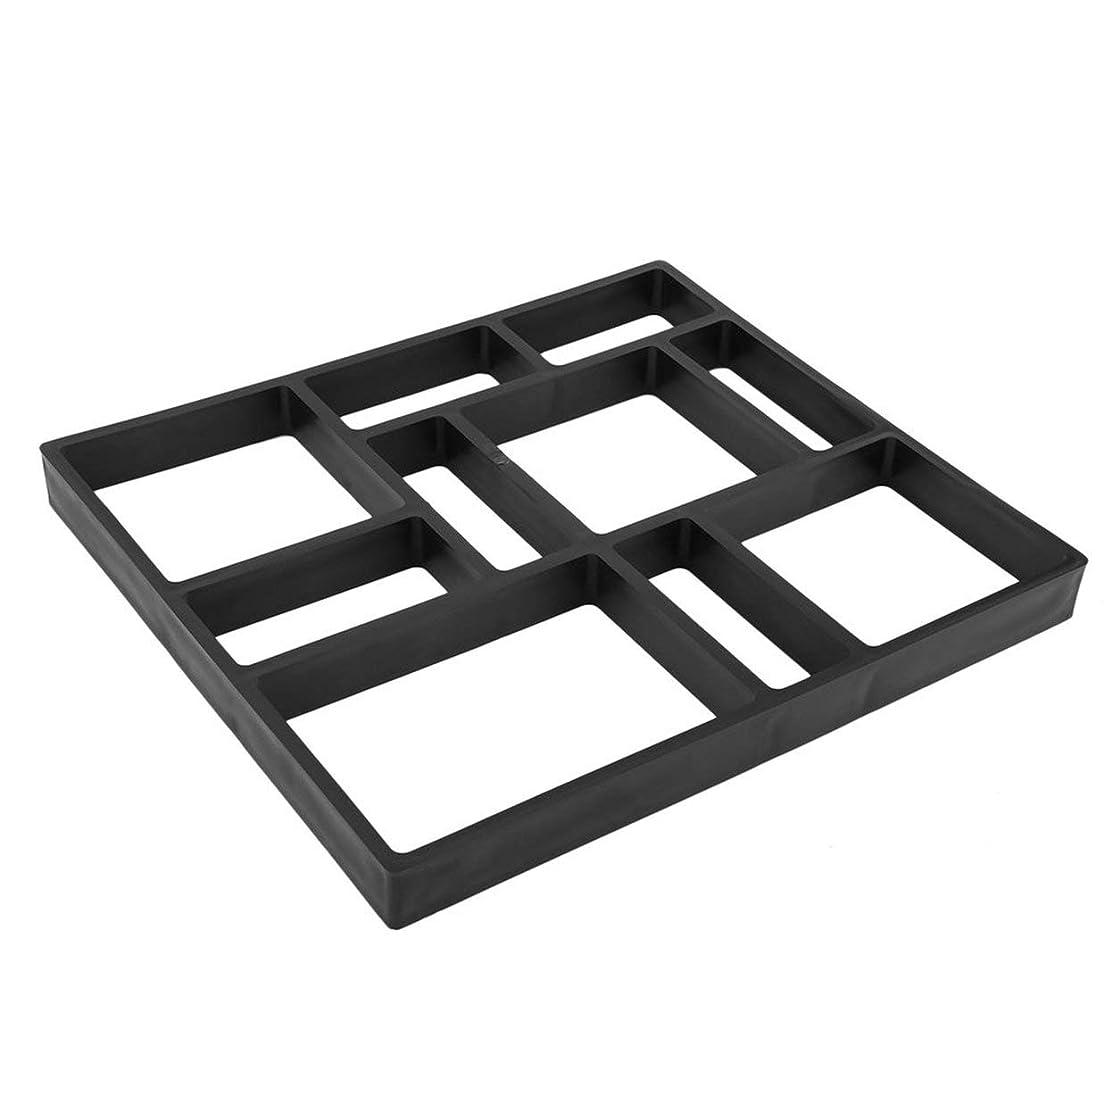 被害者維持高原Saikogoods DIY不規則な/矩形パターンパーソナライズされた舗装のコンクリートレンガ石屋外装飾庭パスのメーカー芝生 黒